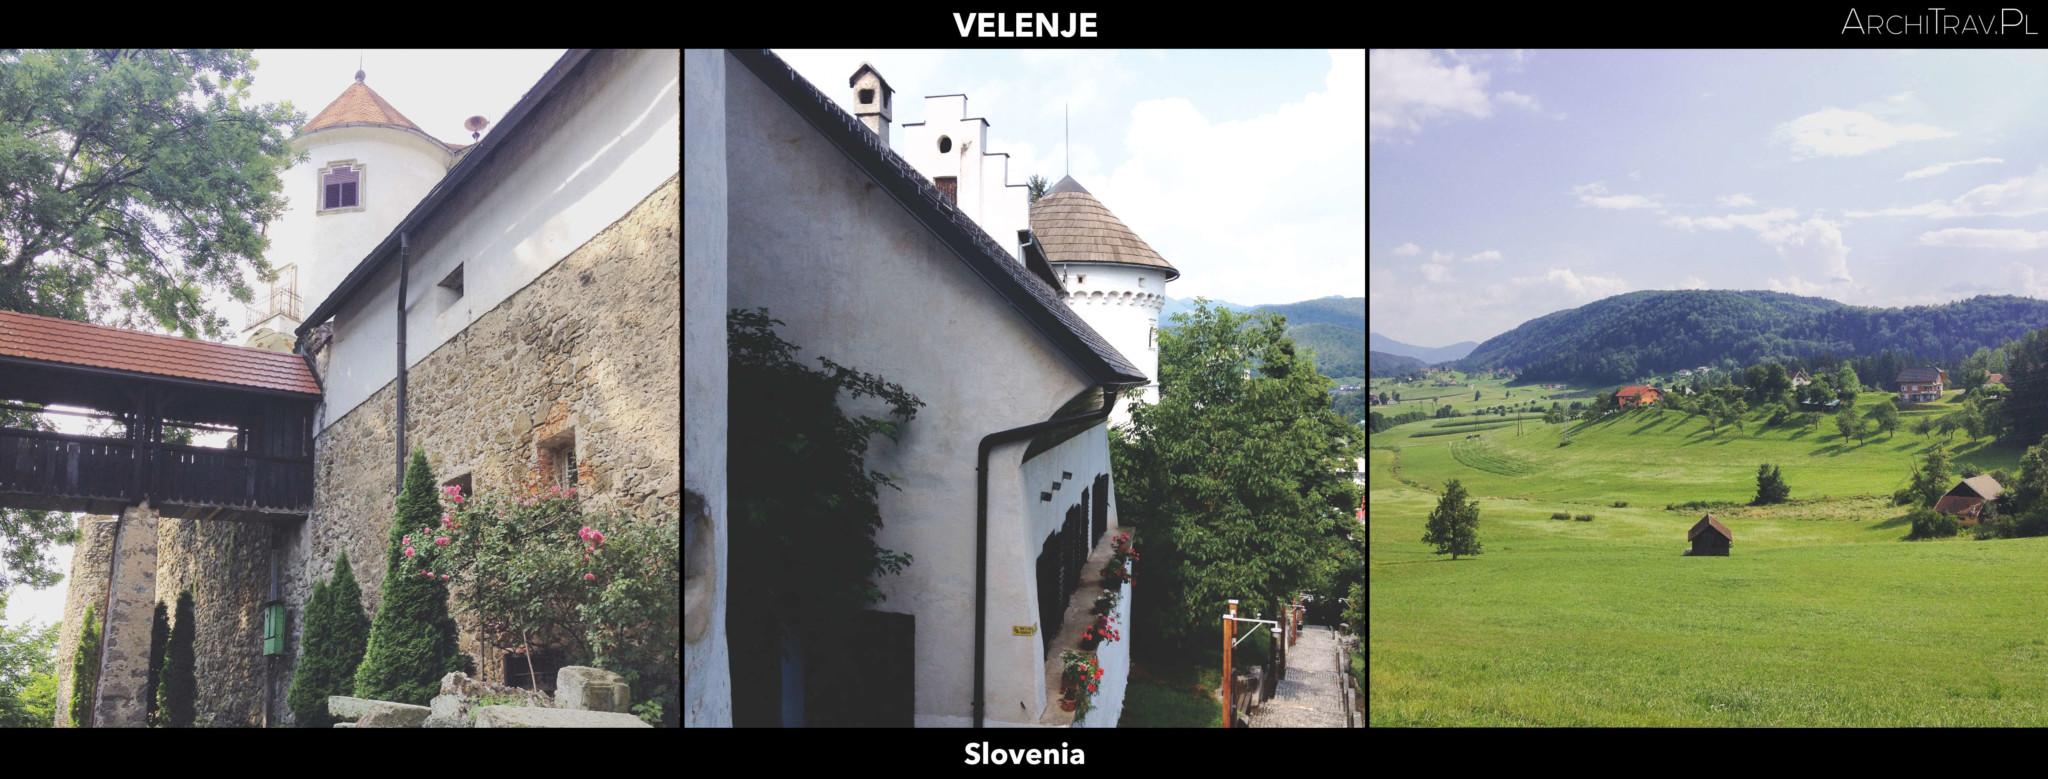 Slowenia Velenje